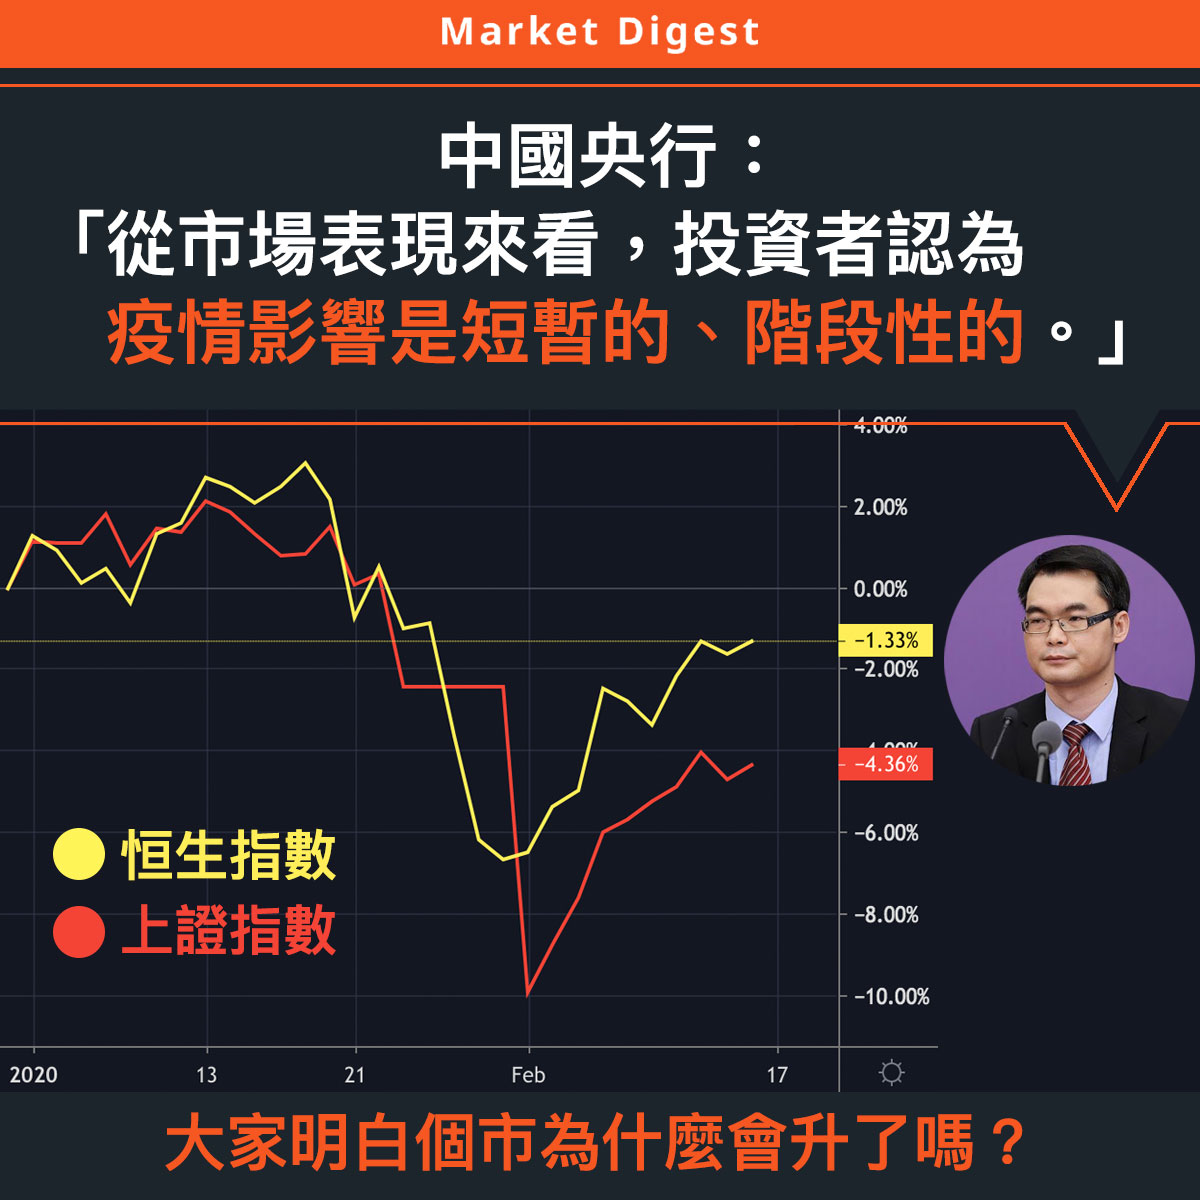 【市場熱話】中國央行:「從市場表現看投資者認為疫情影響是短暫的、階段性的。」